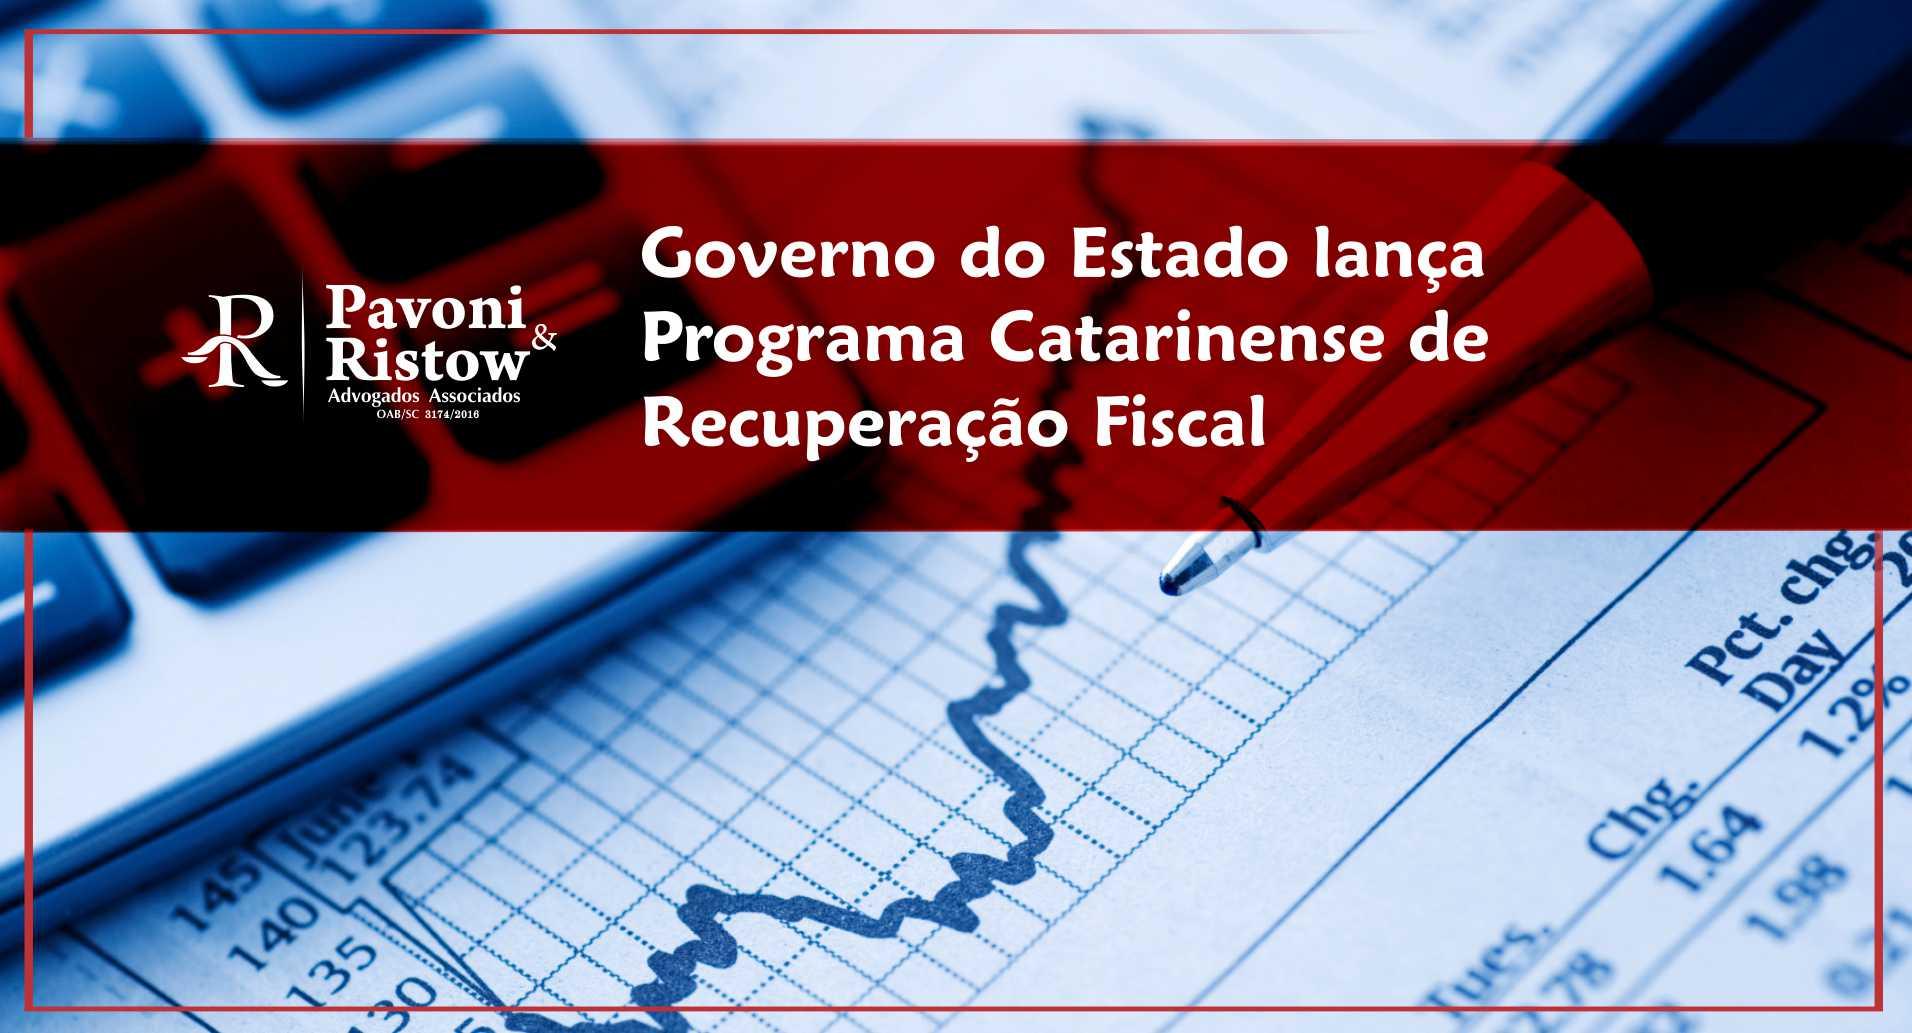 GOVERNO DO ESTADO LANÇA PROGRAMA CATARINENSE DE RECUPERAÇÃO FISCAL